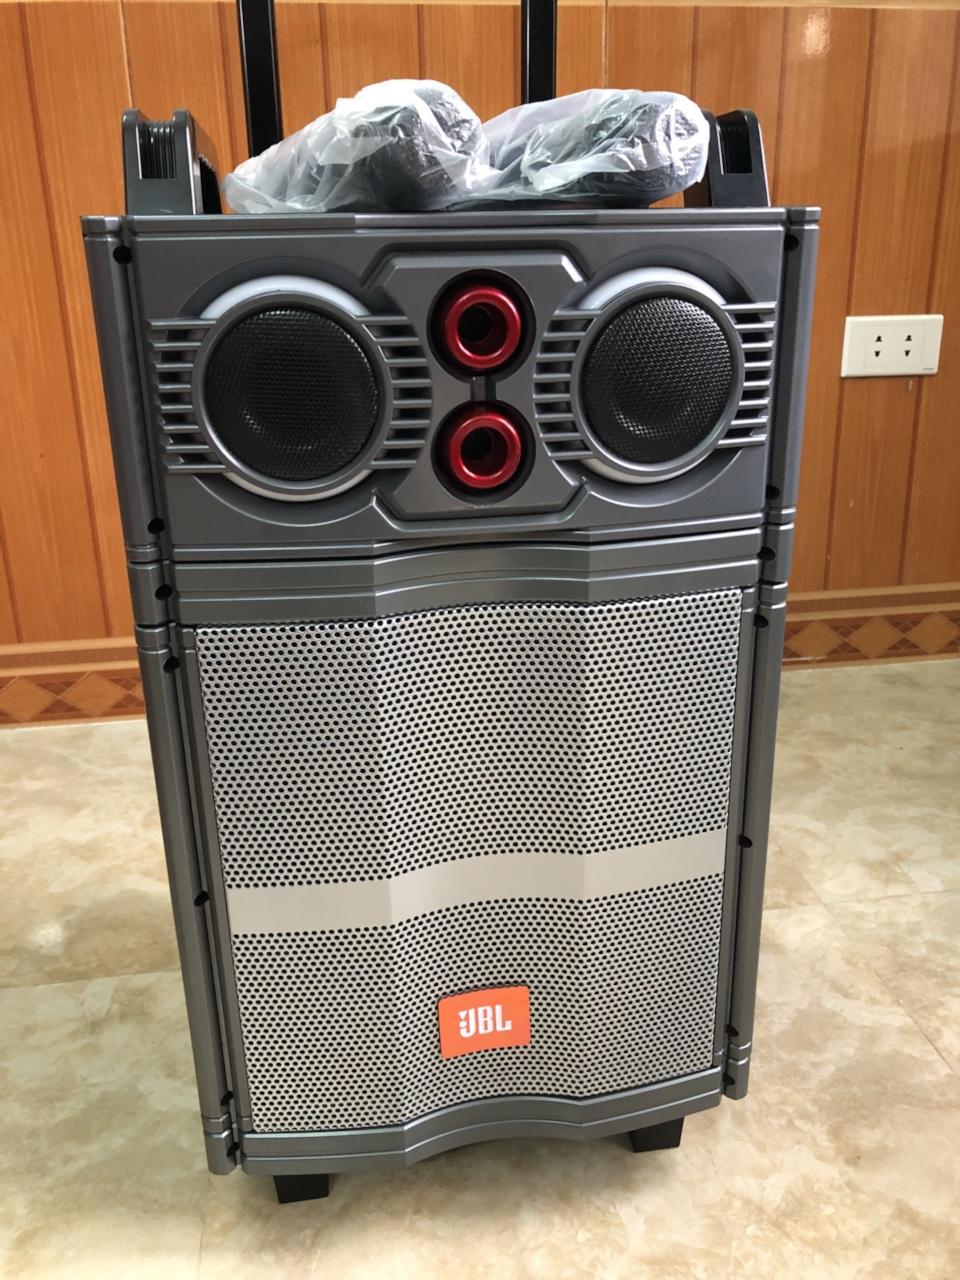 Coupon tại Lazada cho Loa Kéo JBL J105 Bass 30 + Tặng Kèm 02 Micro Không Dây